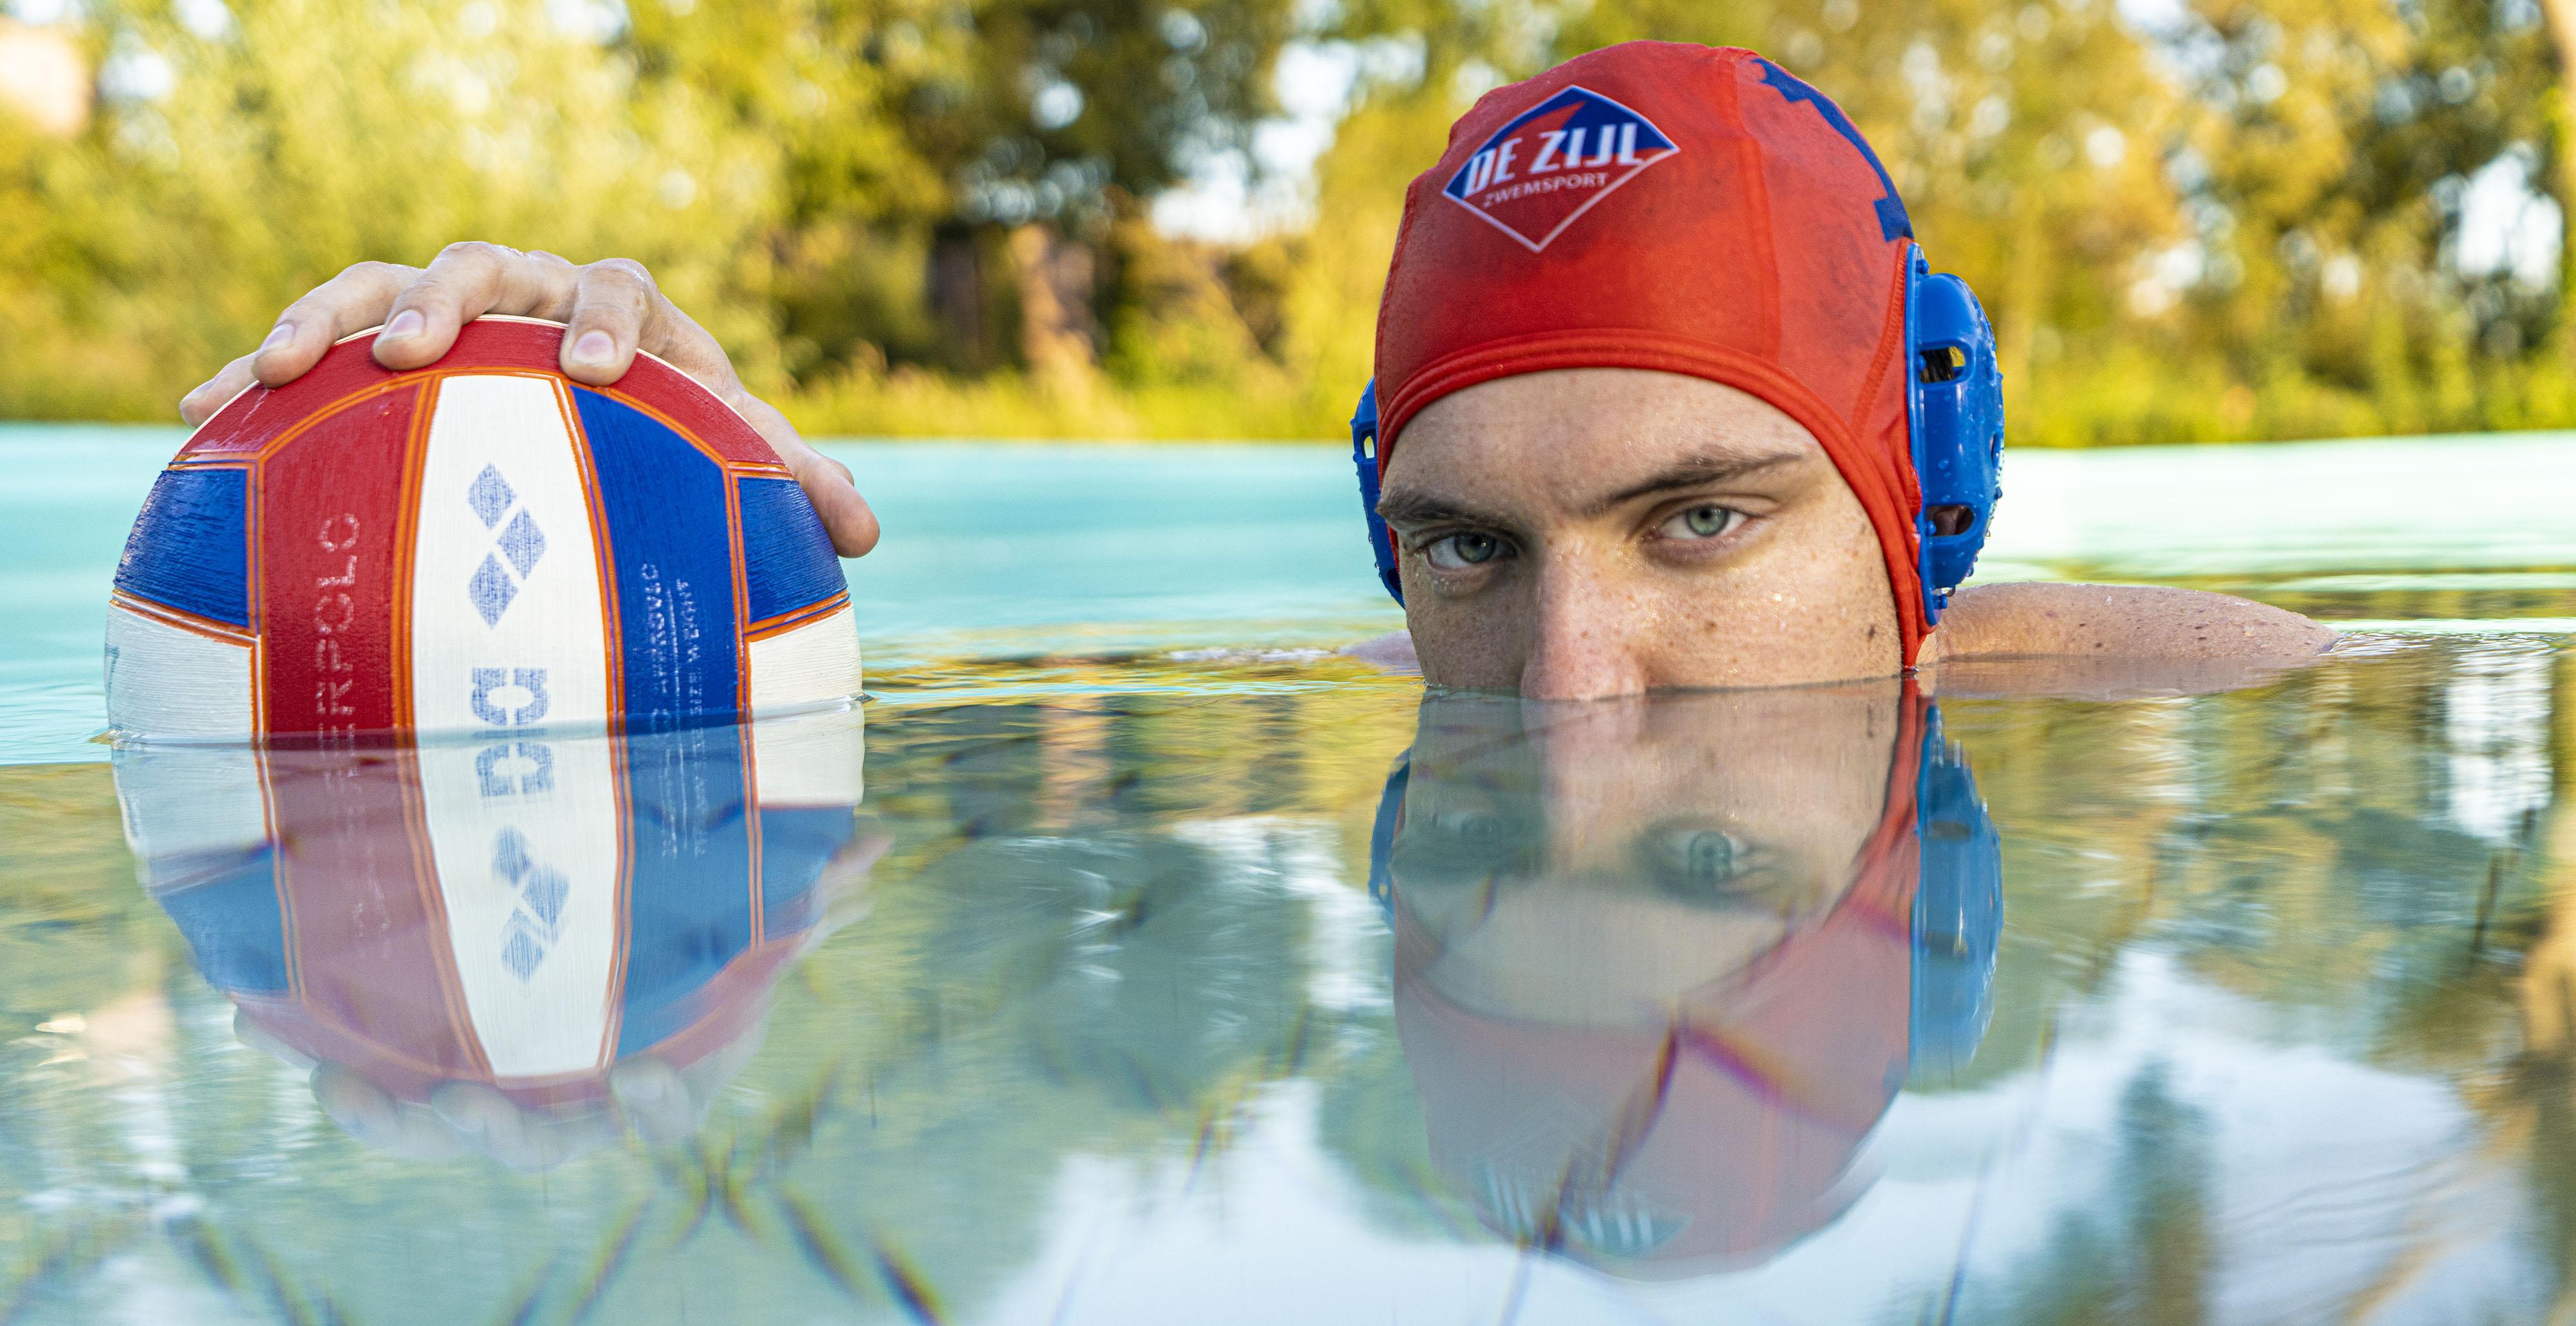 Waterpoloër Jelto Spijker wil spelplezier terugvinden bij hechte club ZVL: 'Die jongens gaan na de wedstrijd vaak nog een biertje drinken en daar wil ik wel bij zijn'